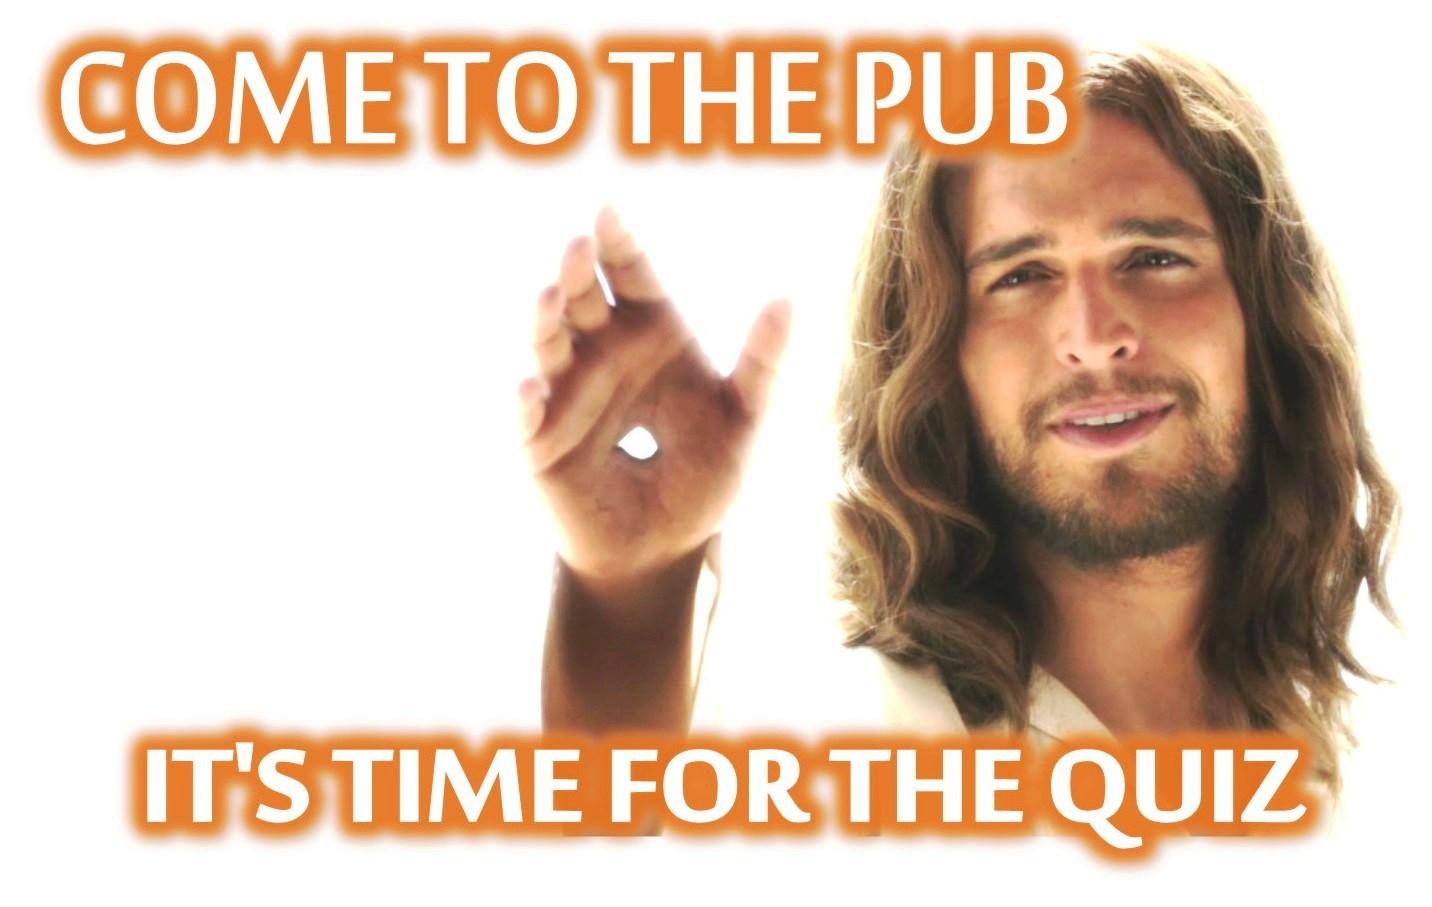 Jesus likes pub quizzes